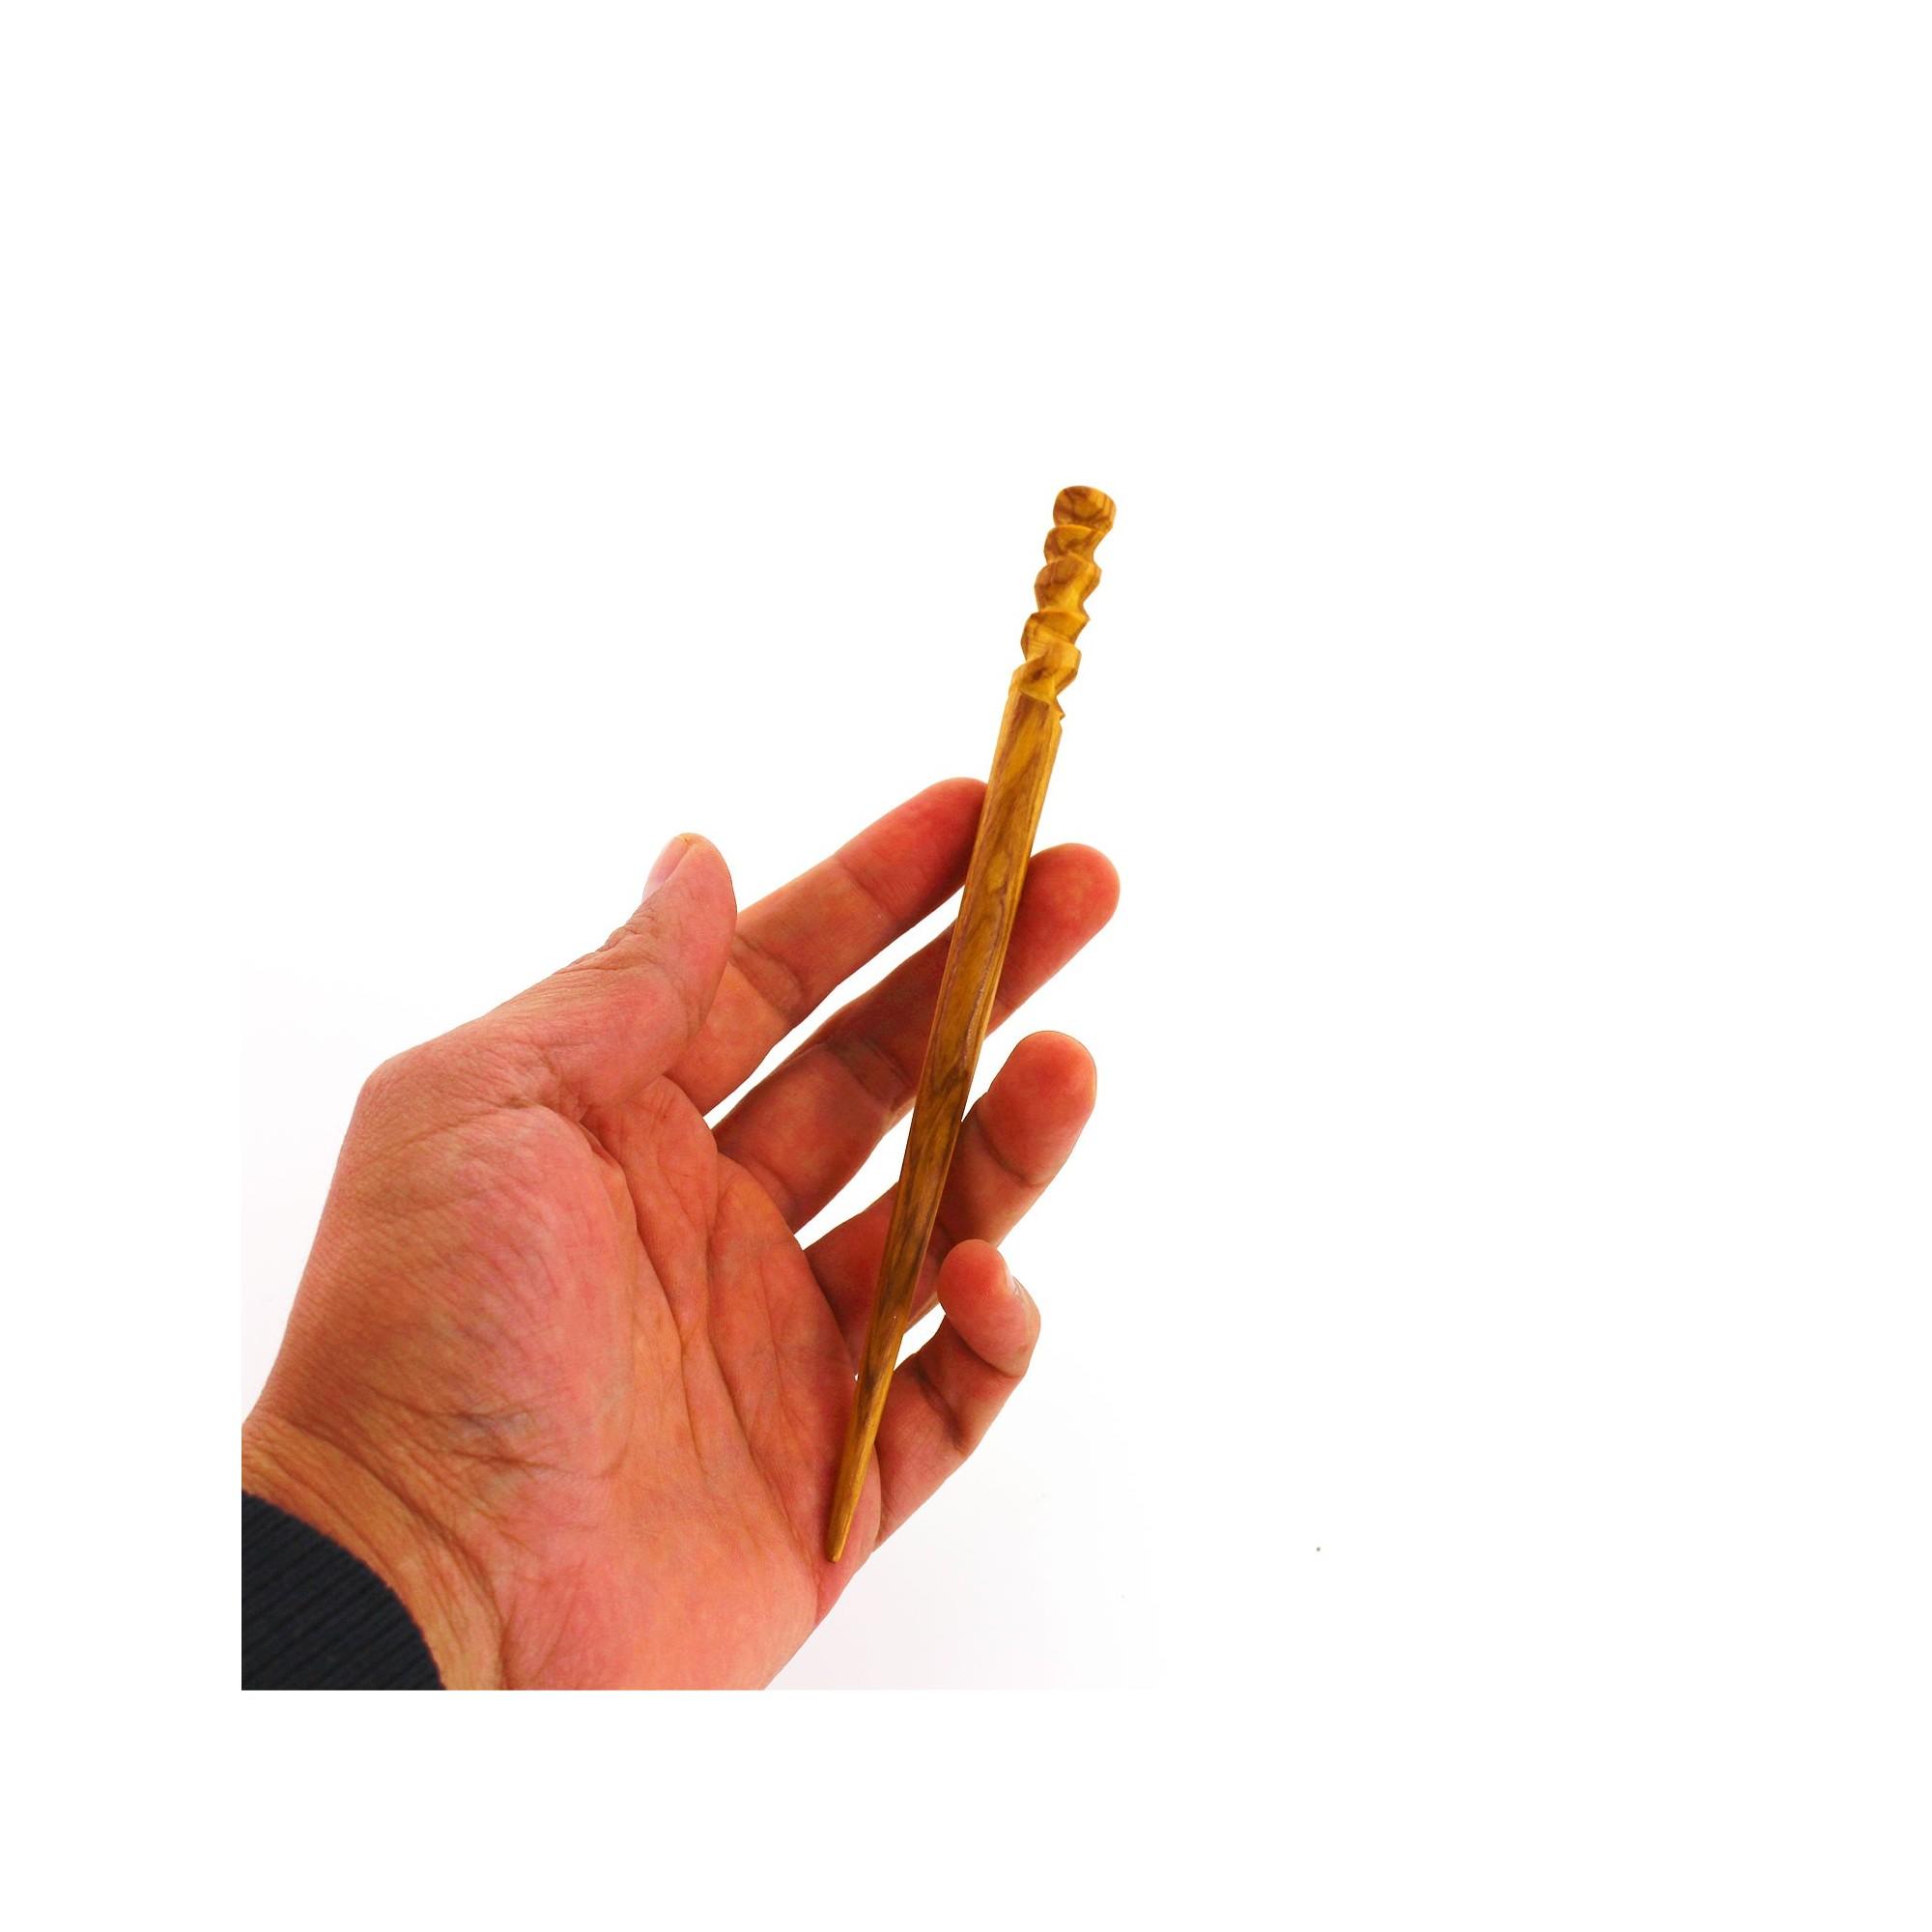 Natürlicher Haarschmuck Handarbeit Haarstab aus Holz